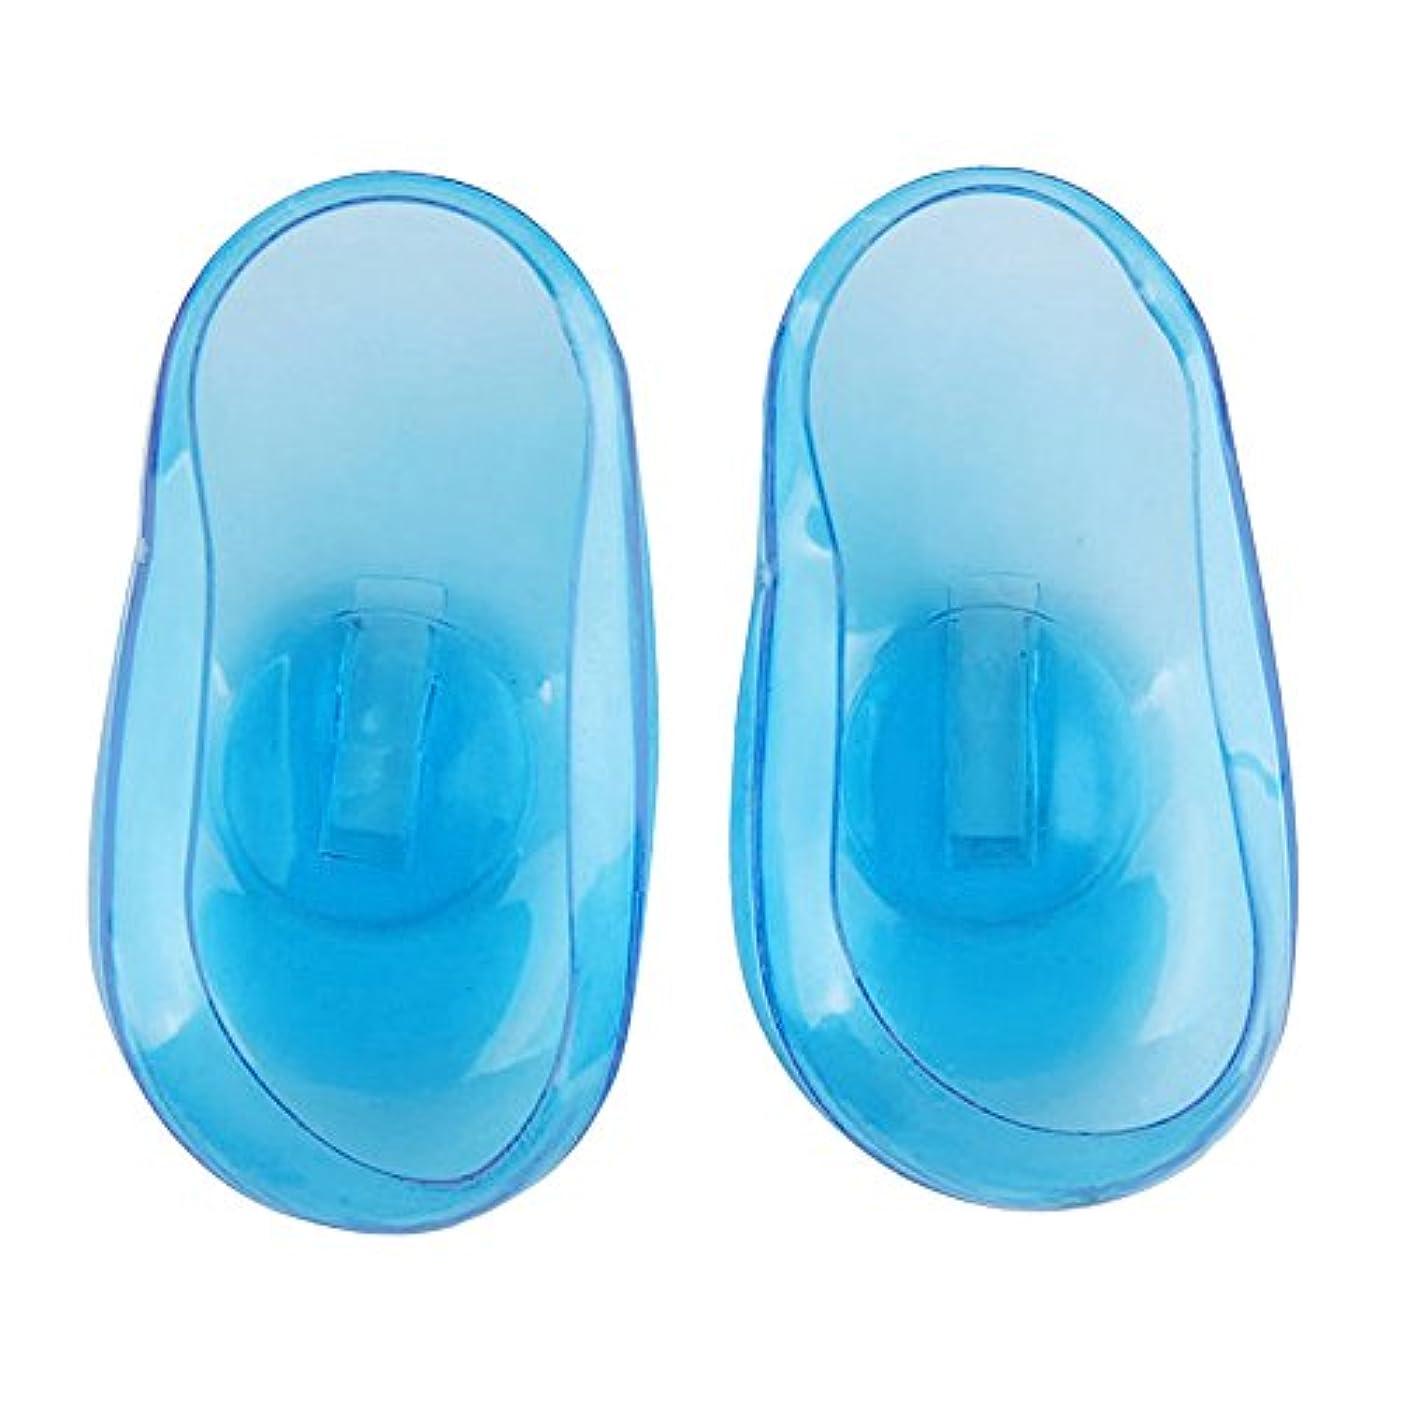 消化器シート満員Merssavo シリコンプロテクターサロンアクセサリー耳蓋ノイズプロテクターヘアダイシールド(ブルー)